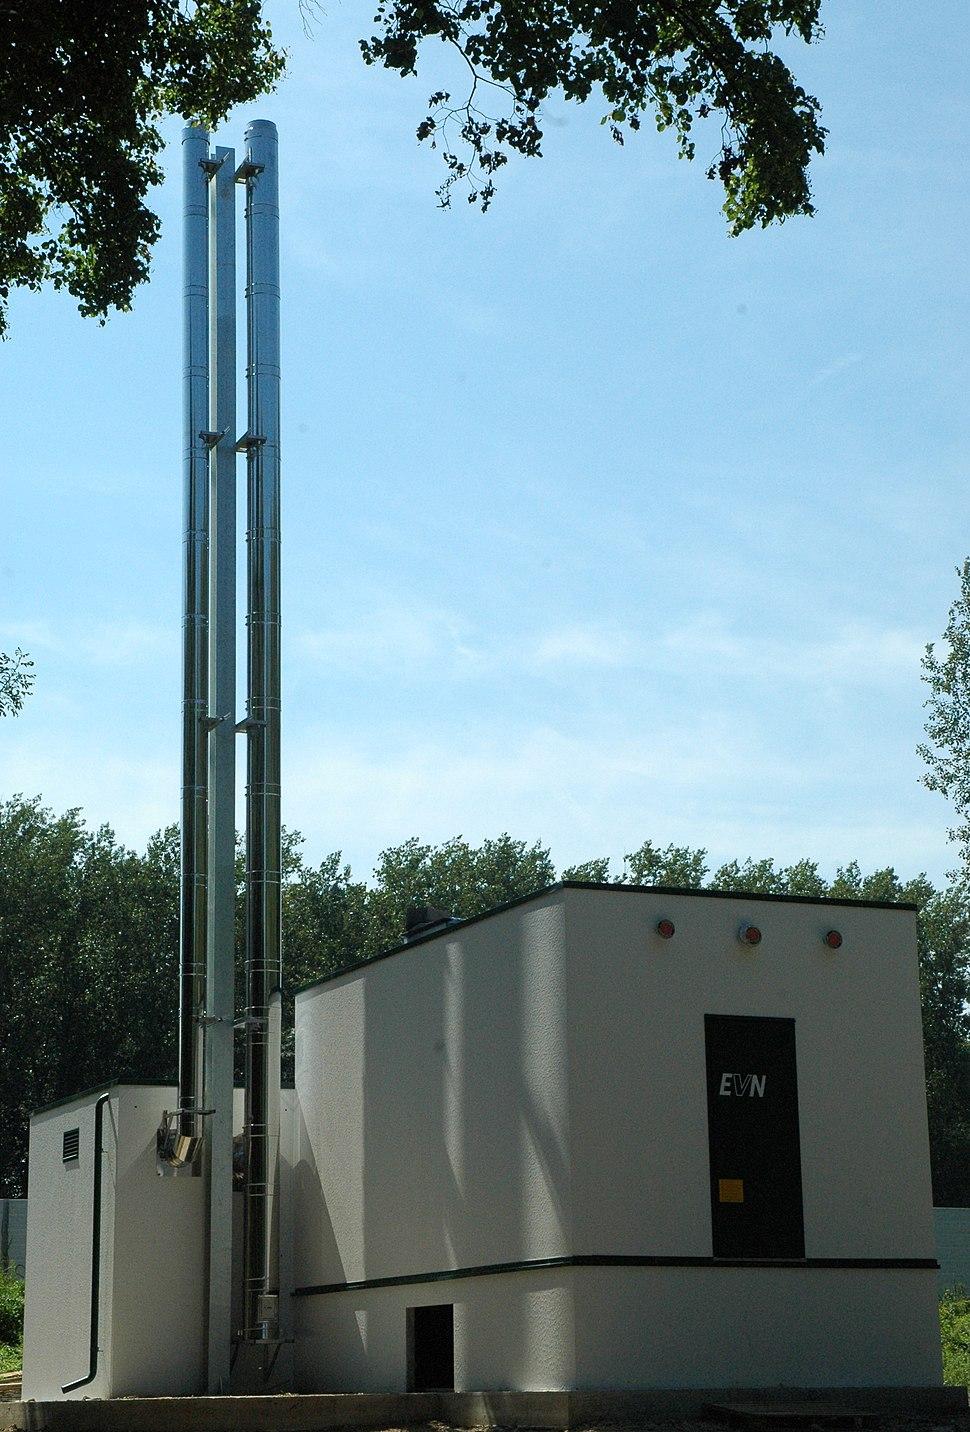 Biomasseheizwerk Spillern Nordansicht